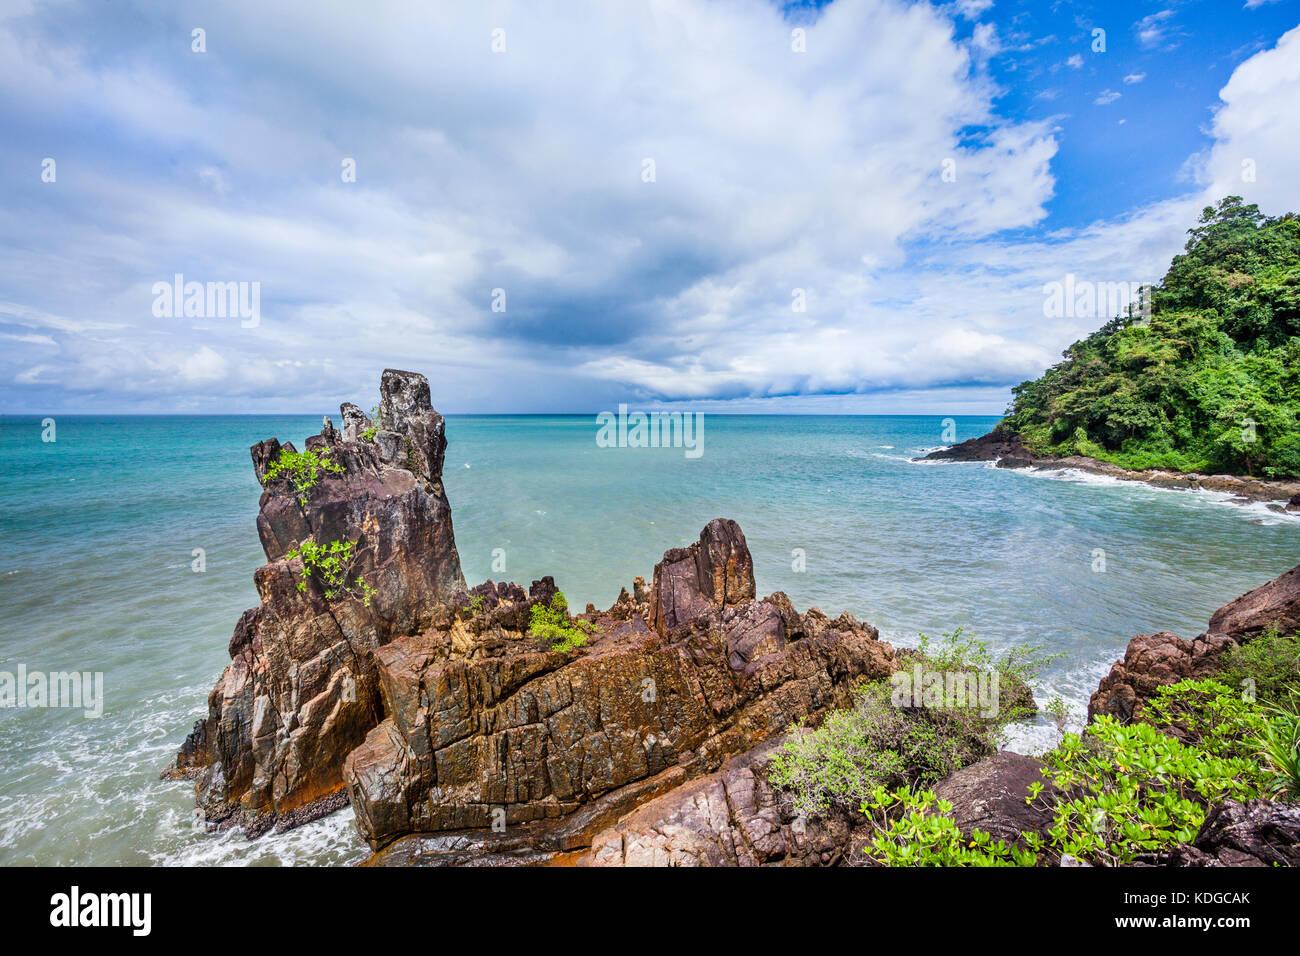 Tailandia, la provincia de Trat,, la isla tropical de Koh Chang en el Golfo de Tailandia, el promontorio rocoso Imagen De Stock